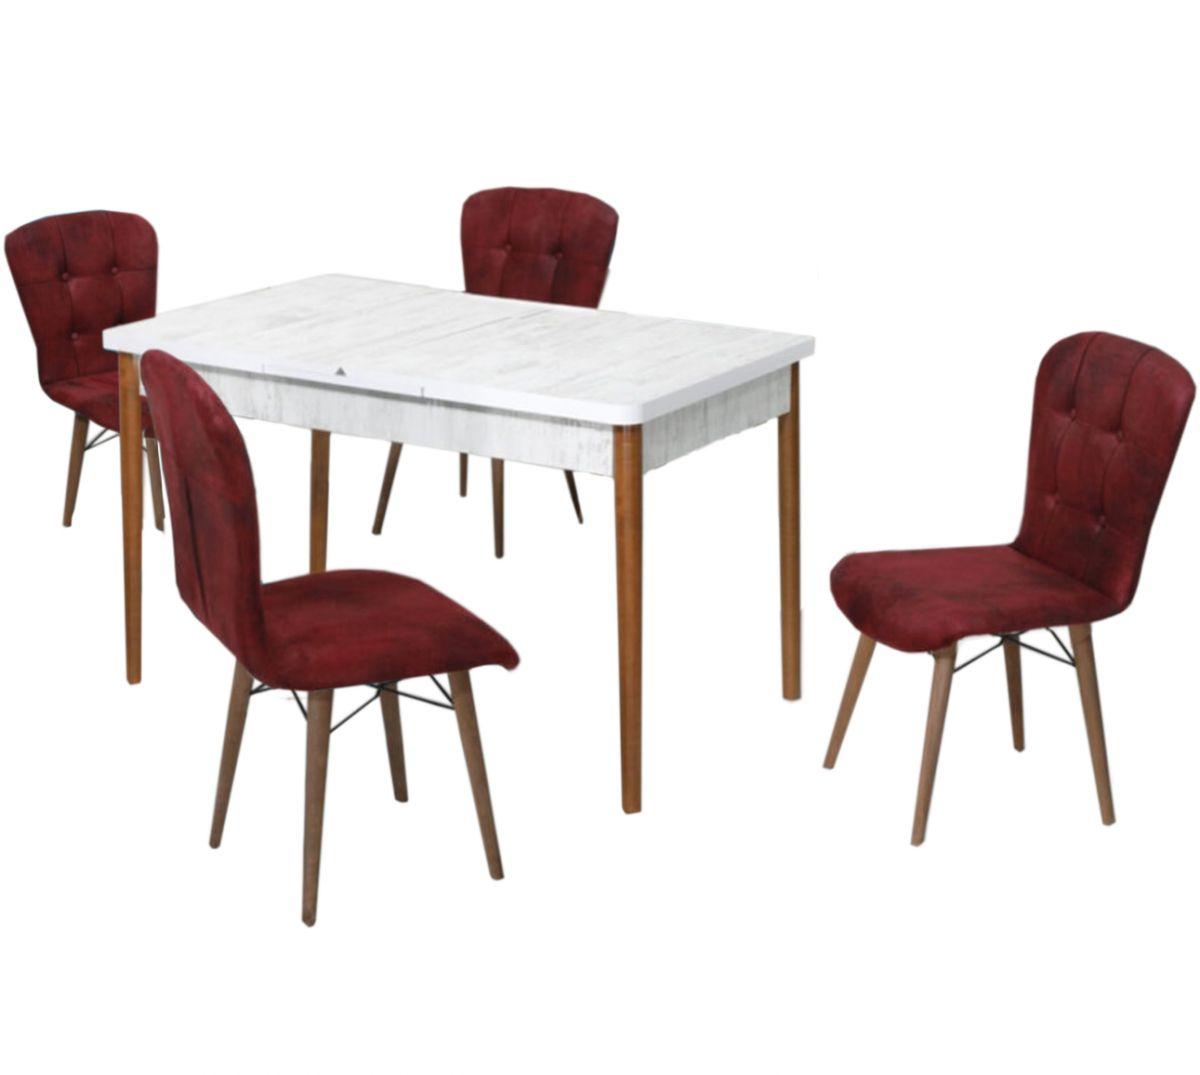 masa pentru vedere este aceeași peste tot)